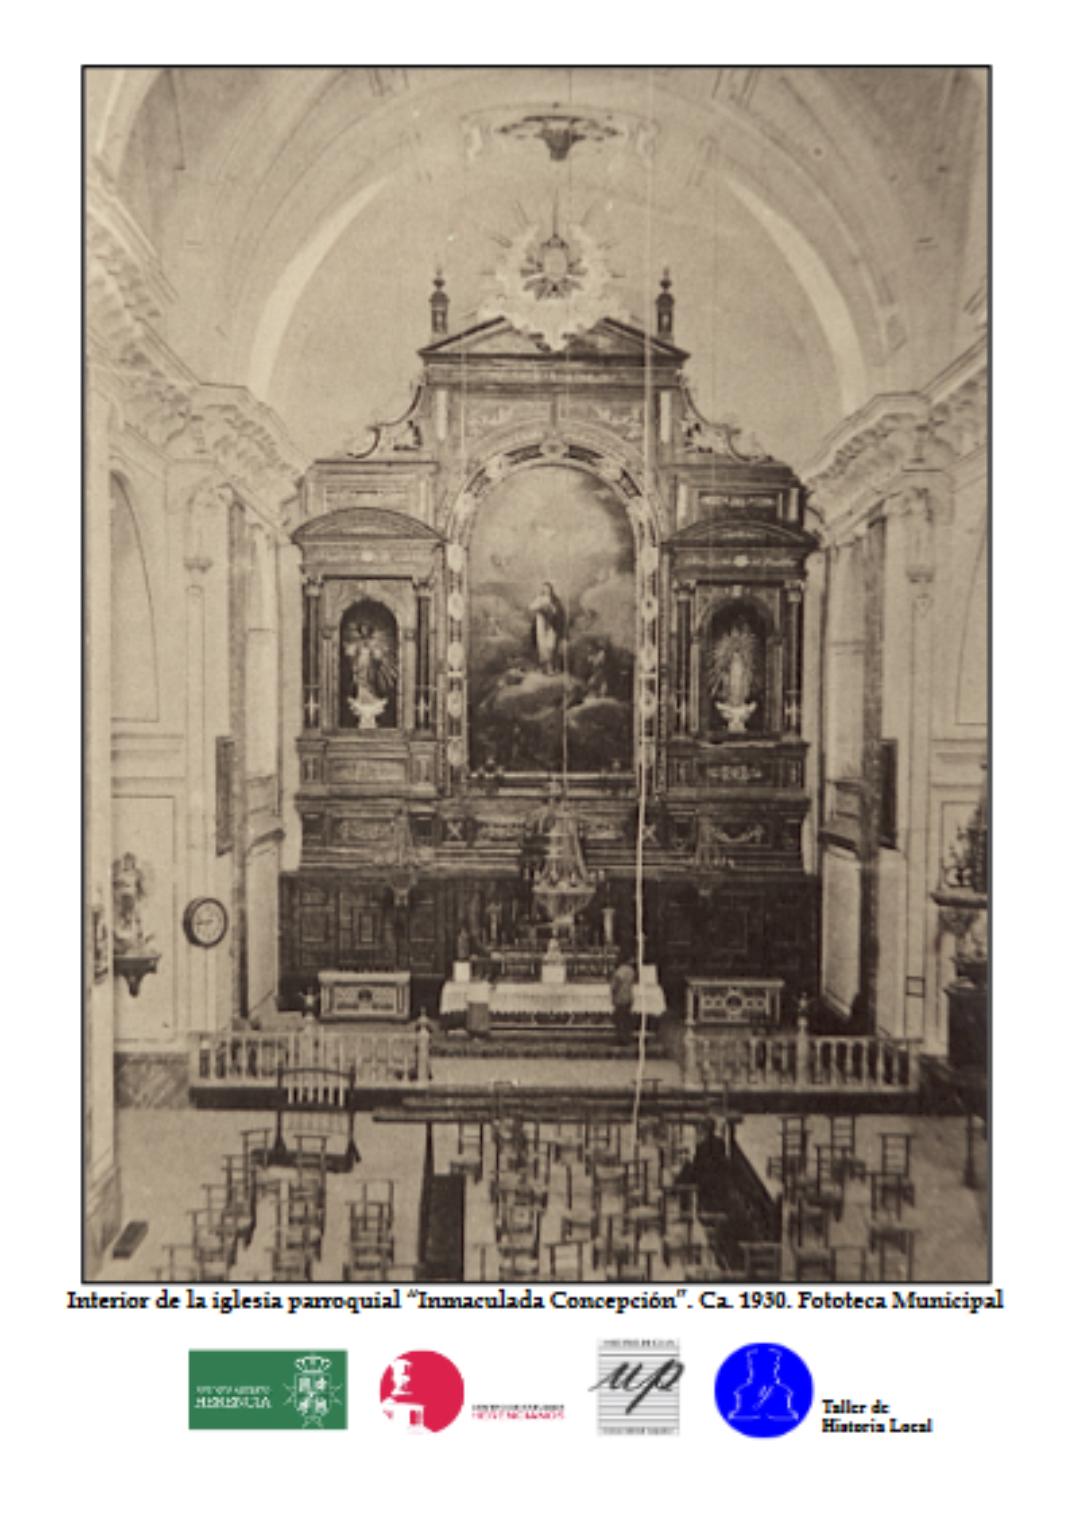 10 Foto del mes diciembre 2019 con logos 1068x1513 - Una fotografía del interior de la iglesia parroquial hacia 1930 protagonista del mes en Fototeca Abierta